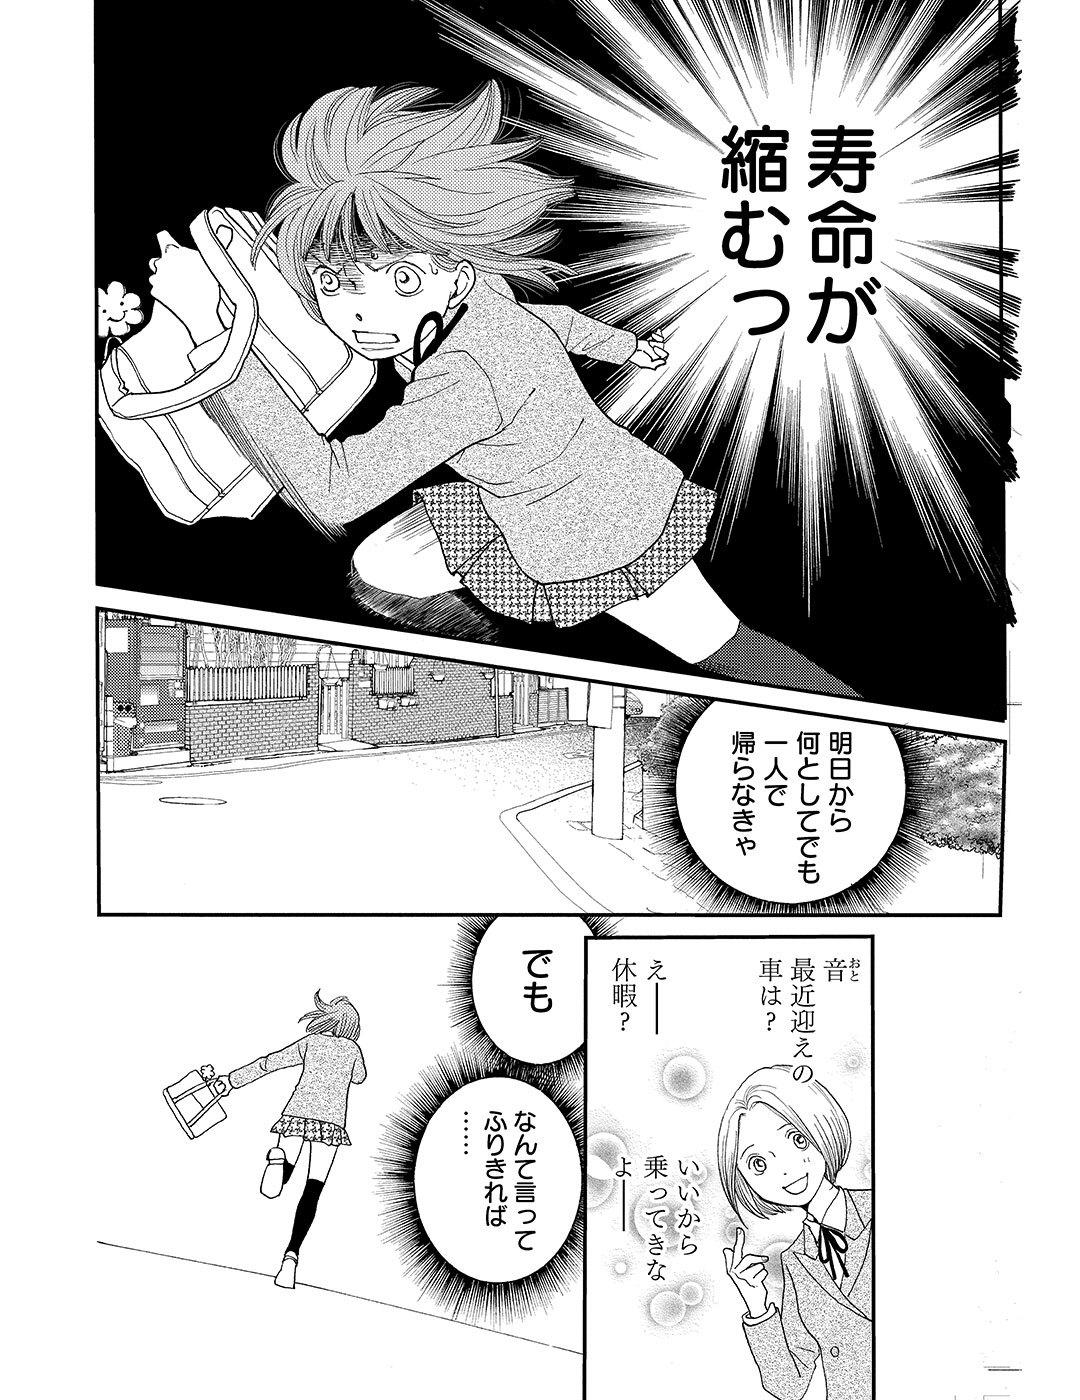 花のち晴れ 第1話|試し読み_1_1-28